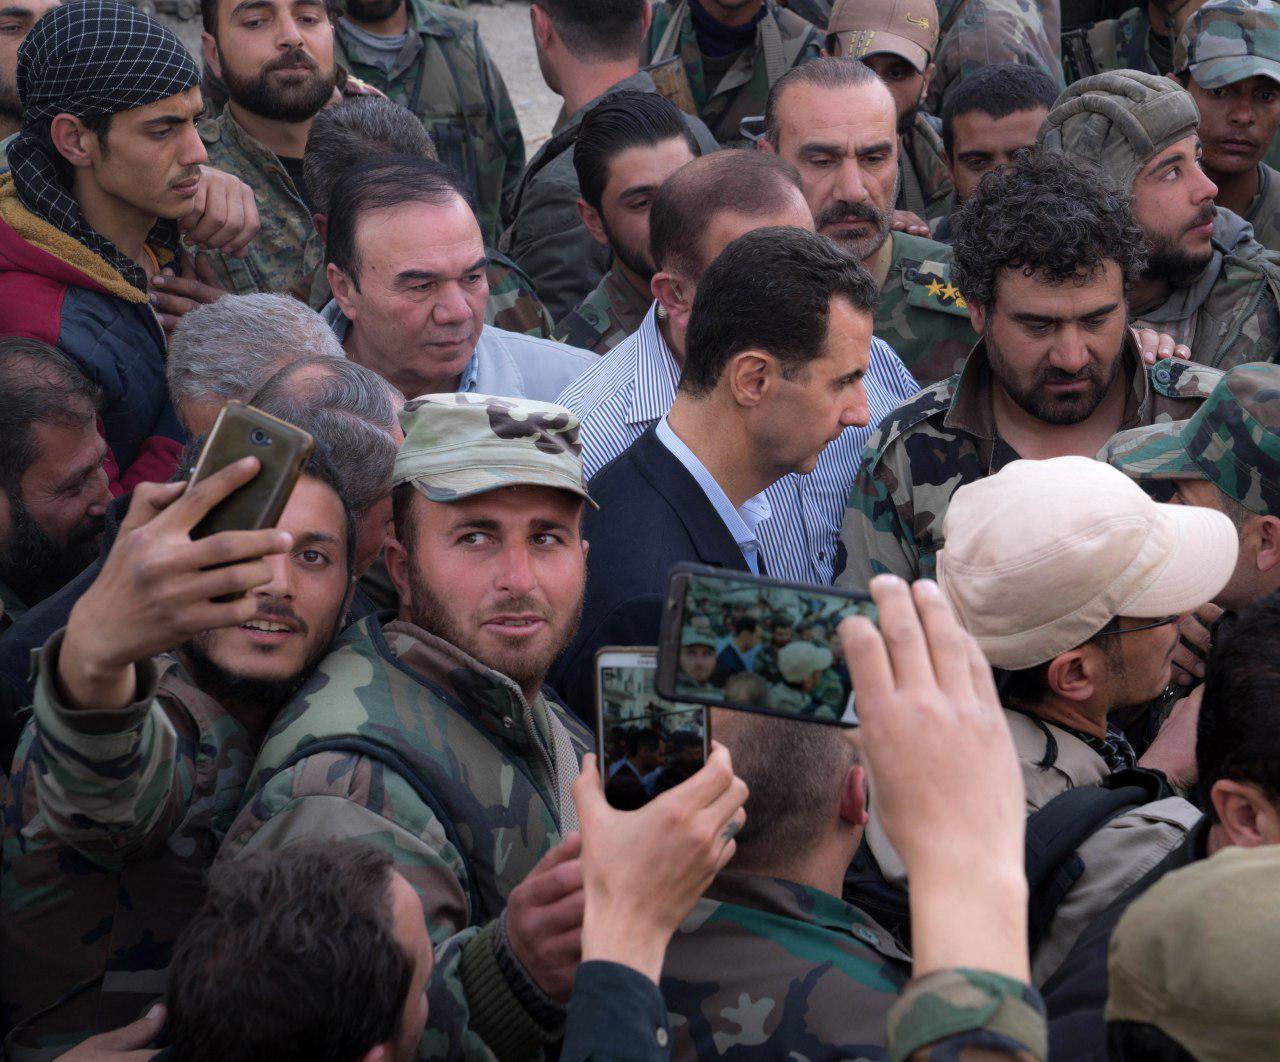 صورة طبول الحرب مجددا.. ميليشيات الأسد تتوعد الجيش التركي